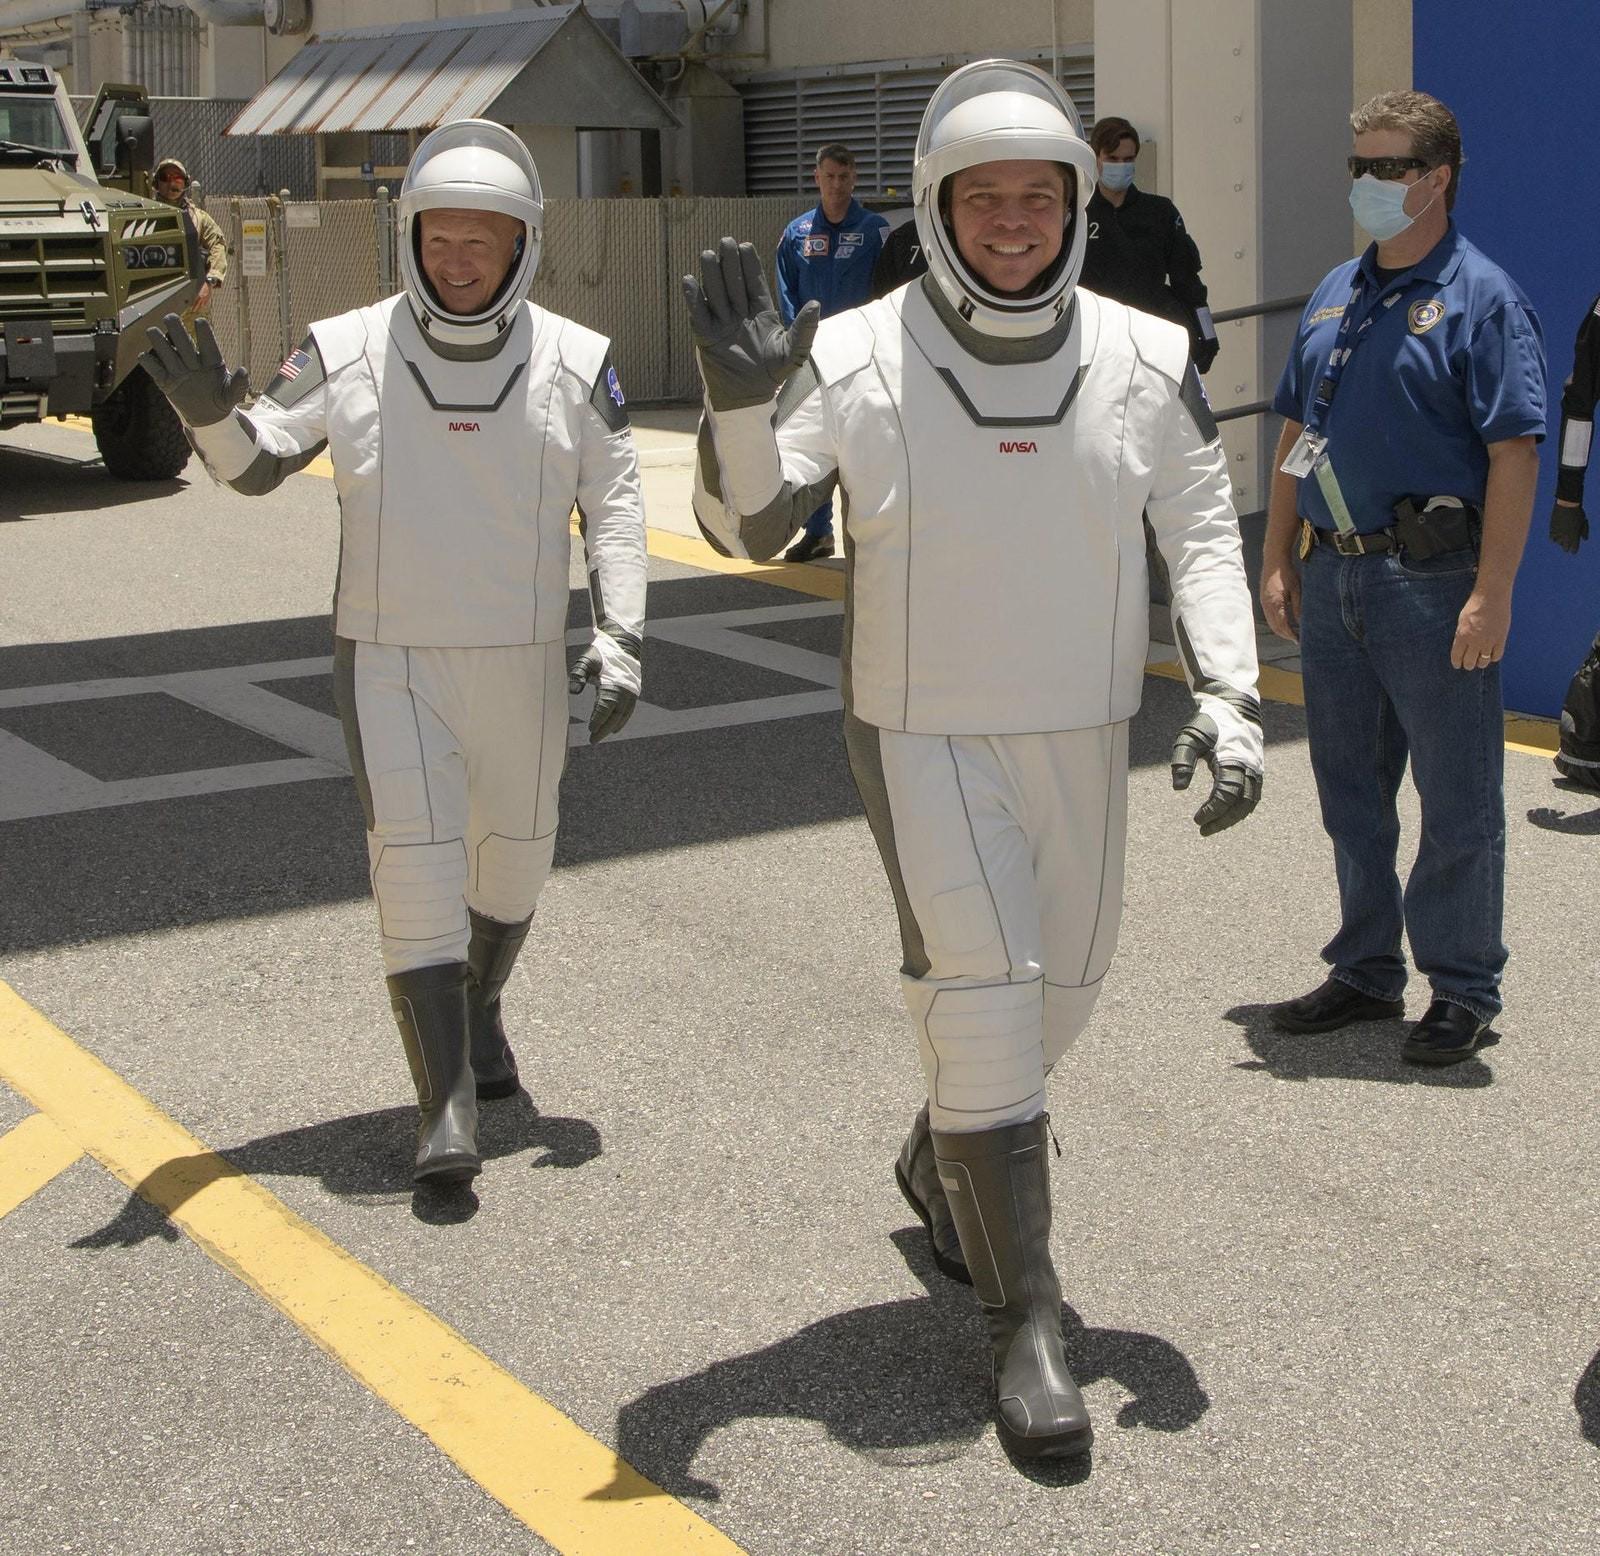 Astronautas da Space X em seus trajes espaciais